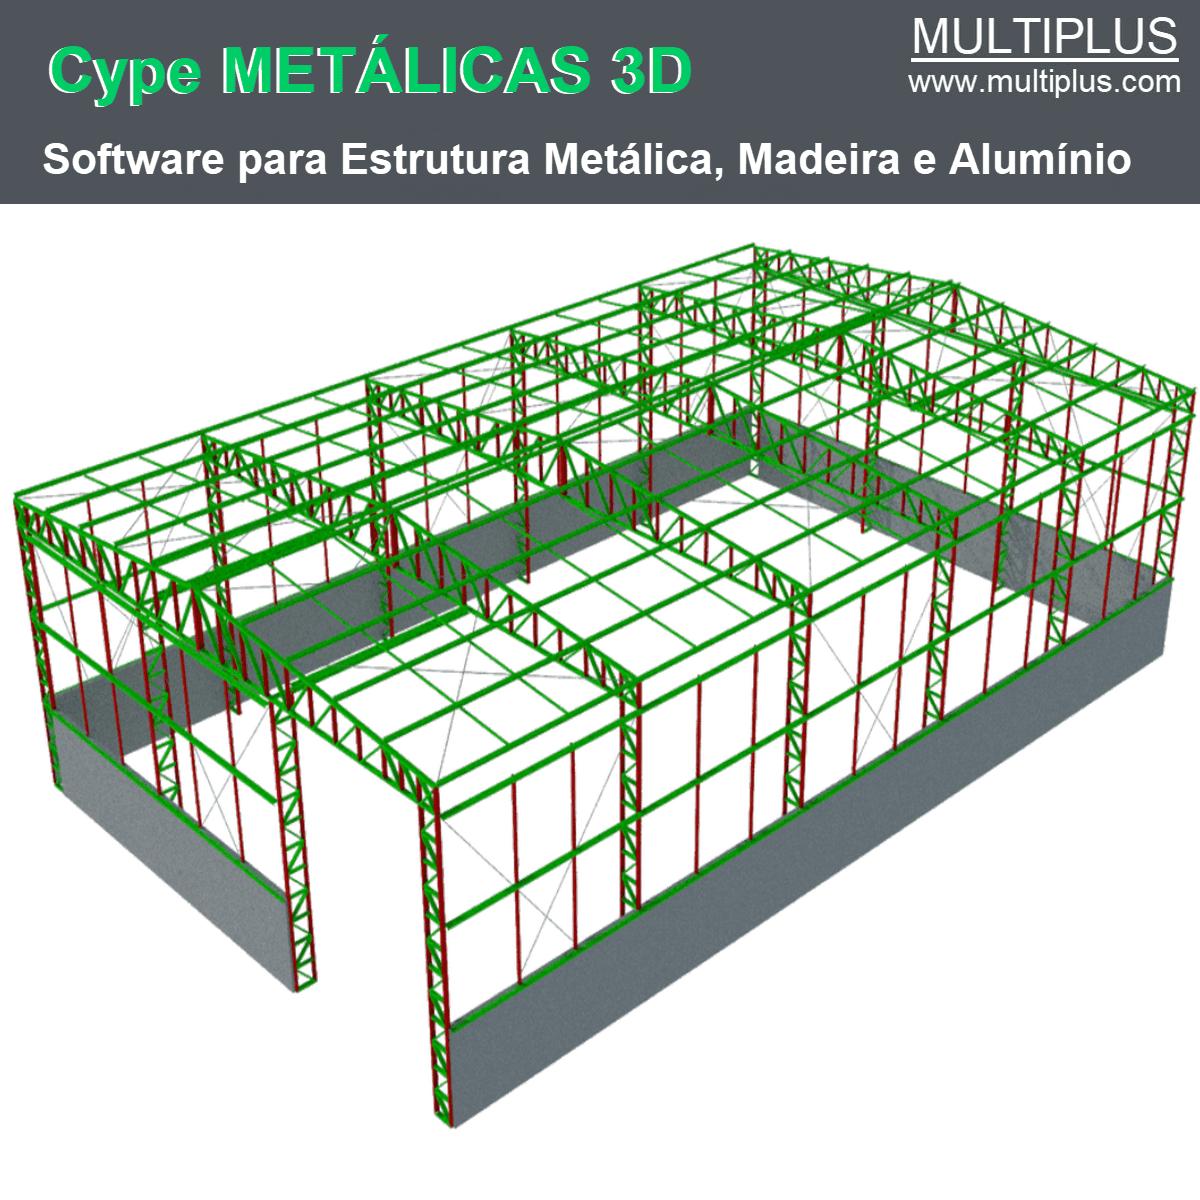 """Software Metálicas 3D MT42 versão 2021 (Licença Eletrônica) incluindo a modulação descrita em """"Itens Inclusos"""" a seguir  - MULTIPLUS SOFTWARES"""